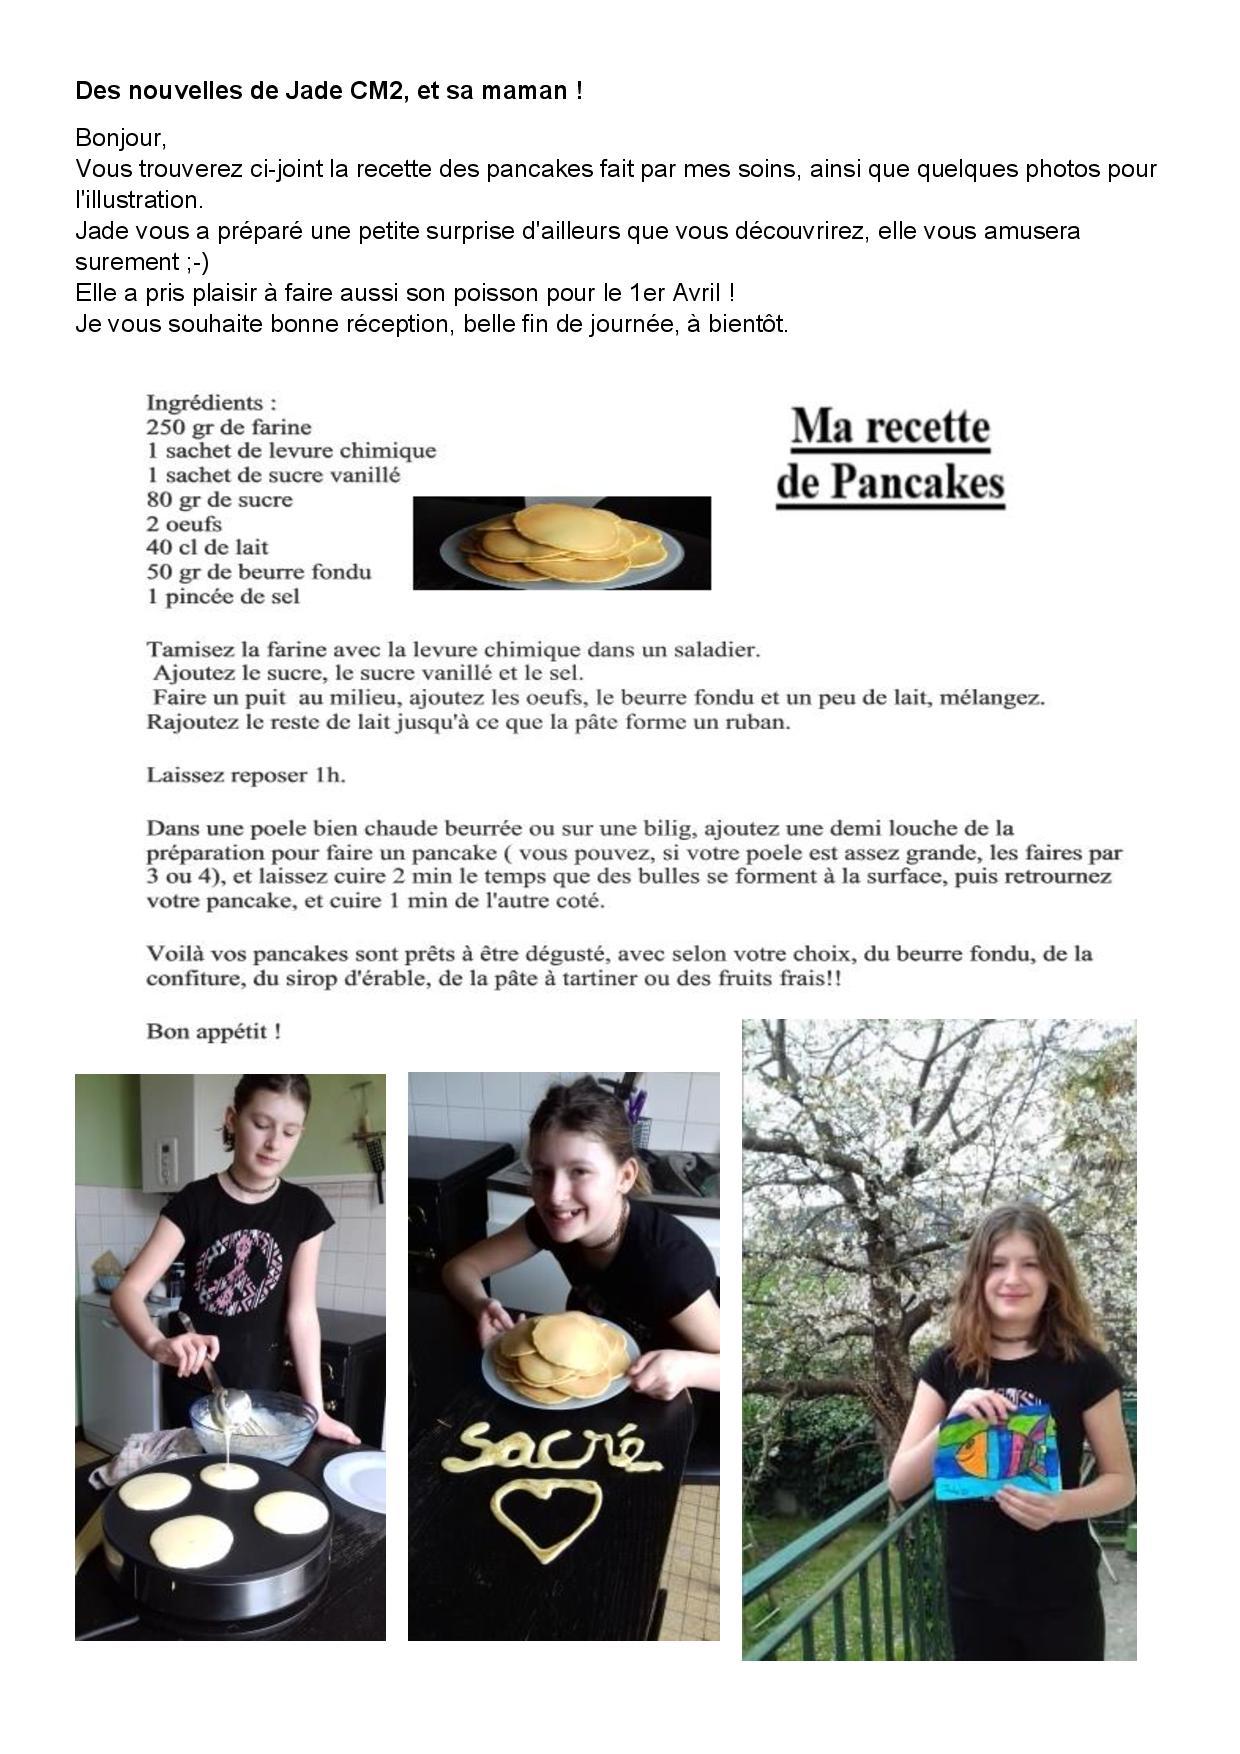 Des nouvelles de Jade CM2-page-001